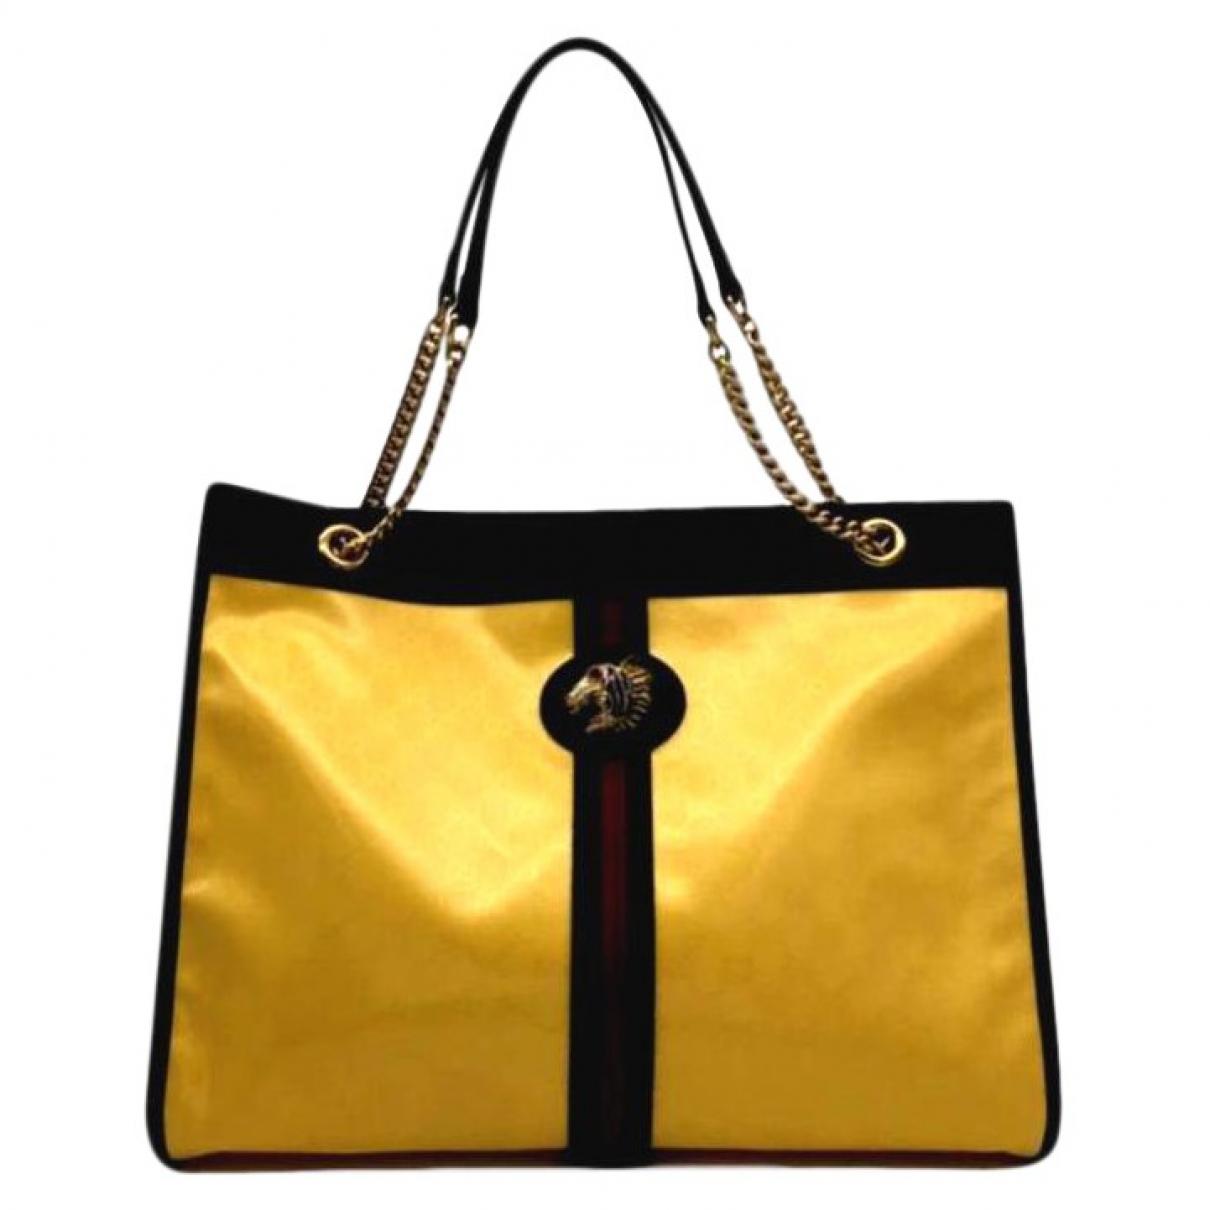 Gucci - Sac a main Rajah pour femme en toile - jaune